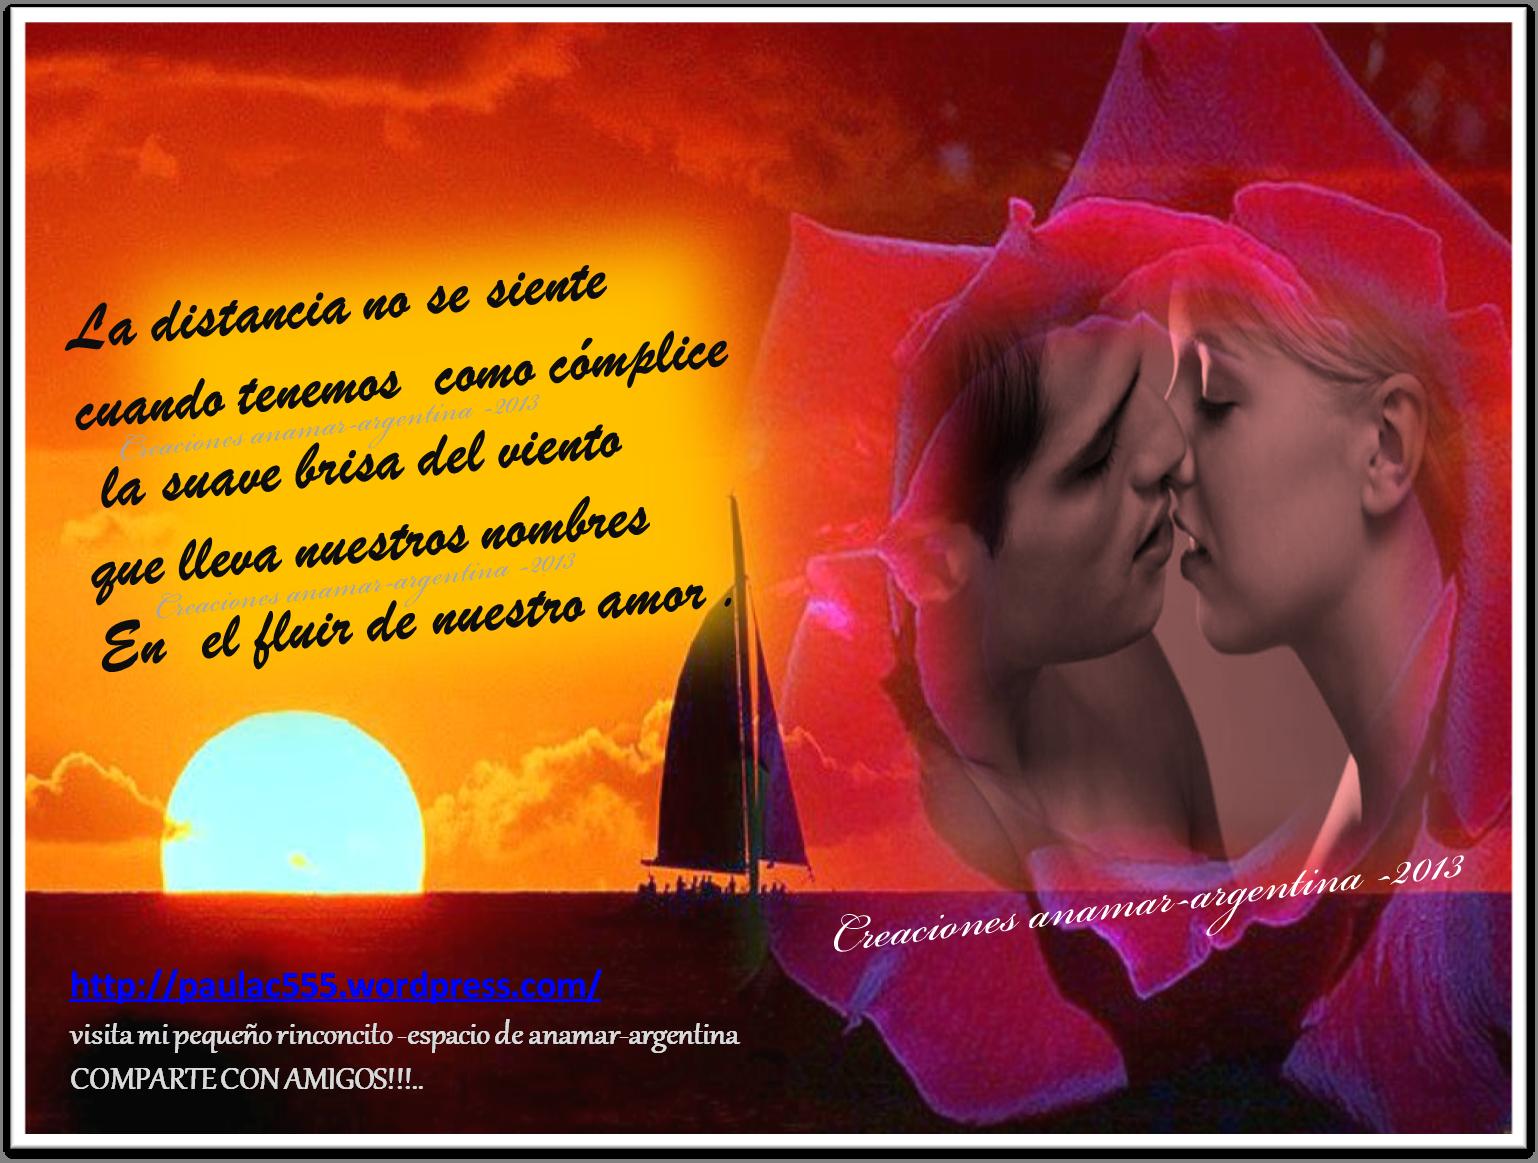 amor la distancia creaciones anamar argentina 2013